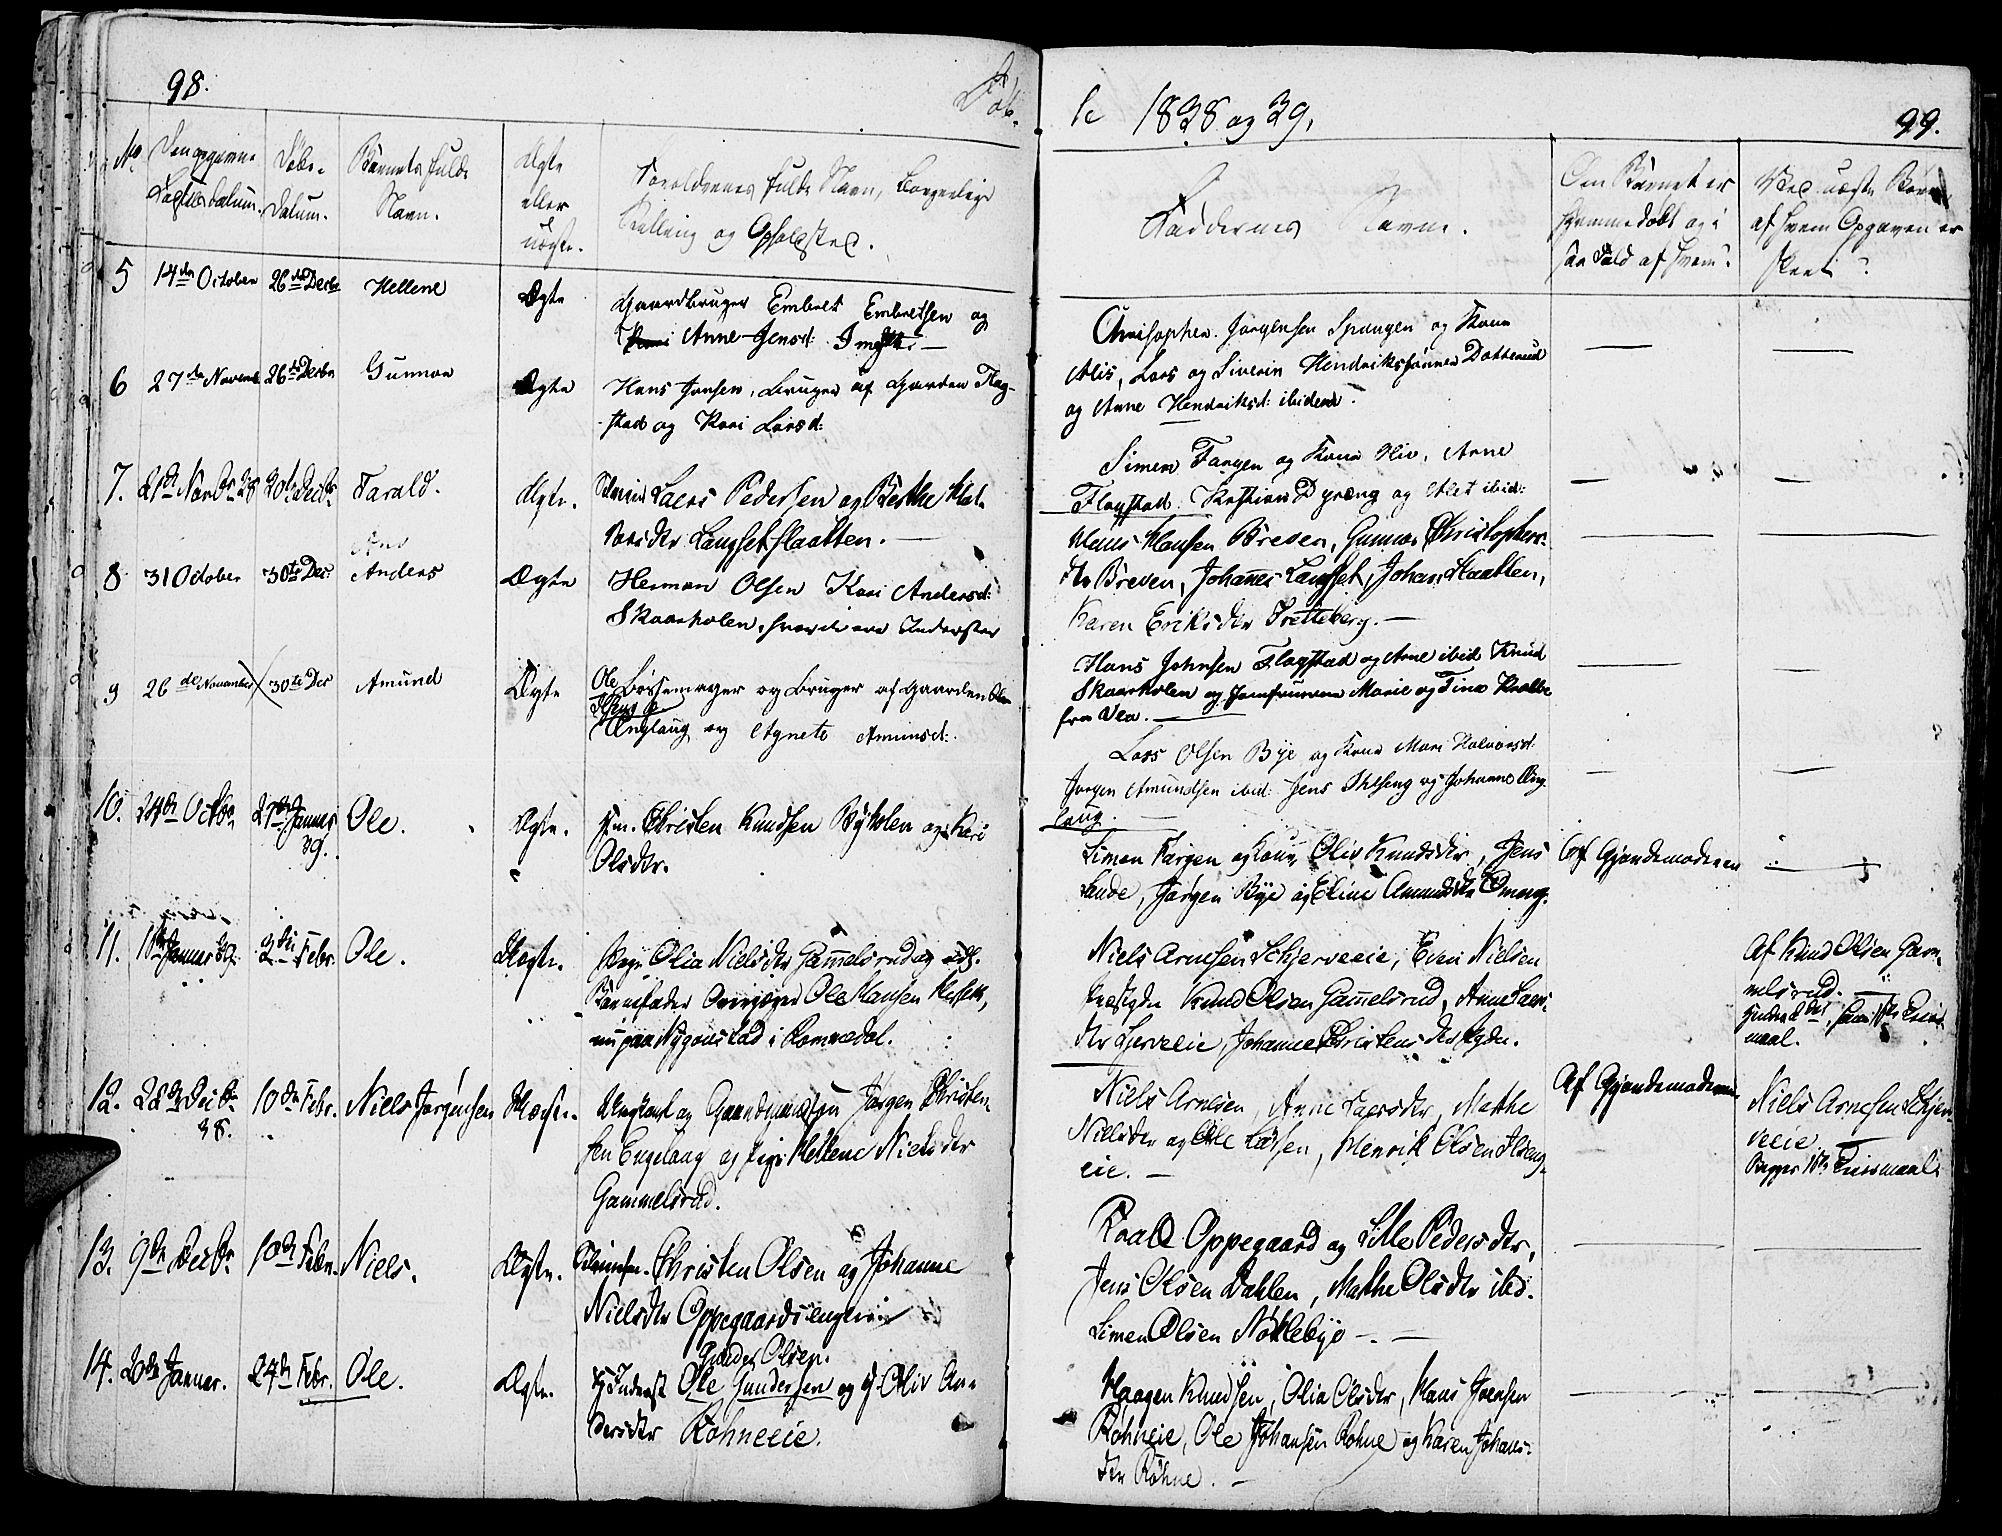 SAH, Løten prestekontor, K/Ka/L0006: Parish register (official) no. 6, 1832-1849, p. 98-99